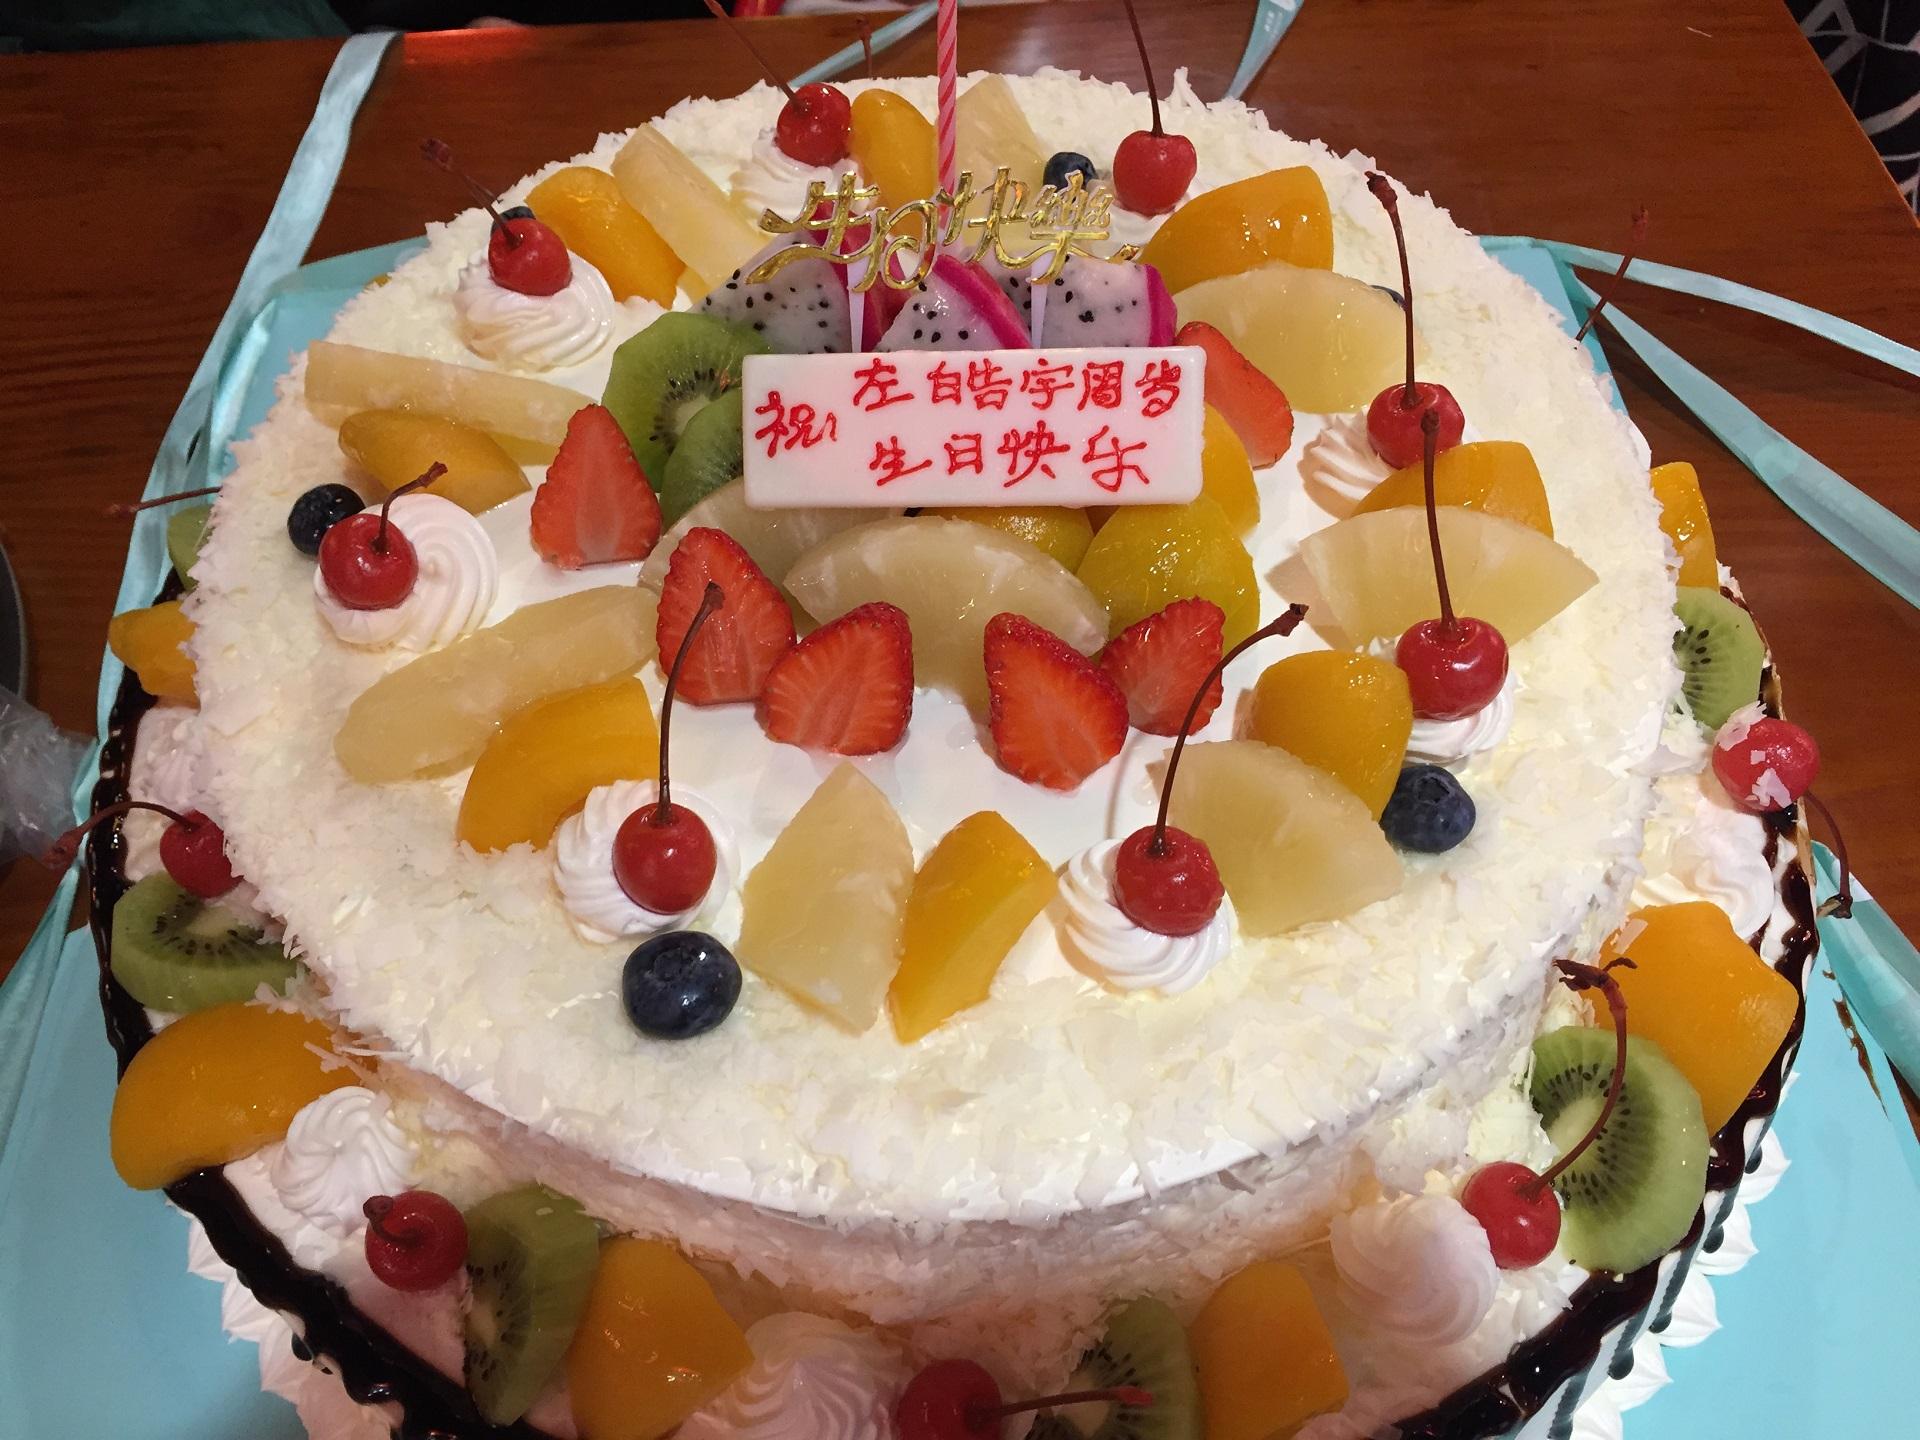 宝贝的生日蛋糕